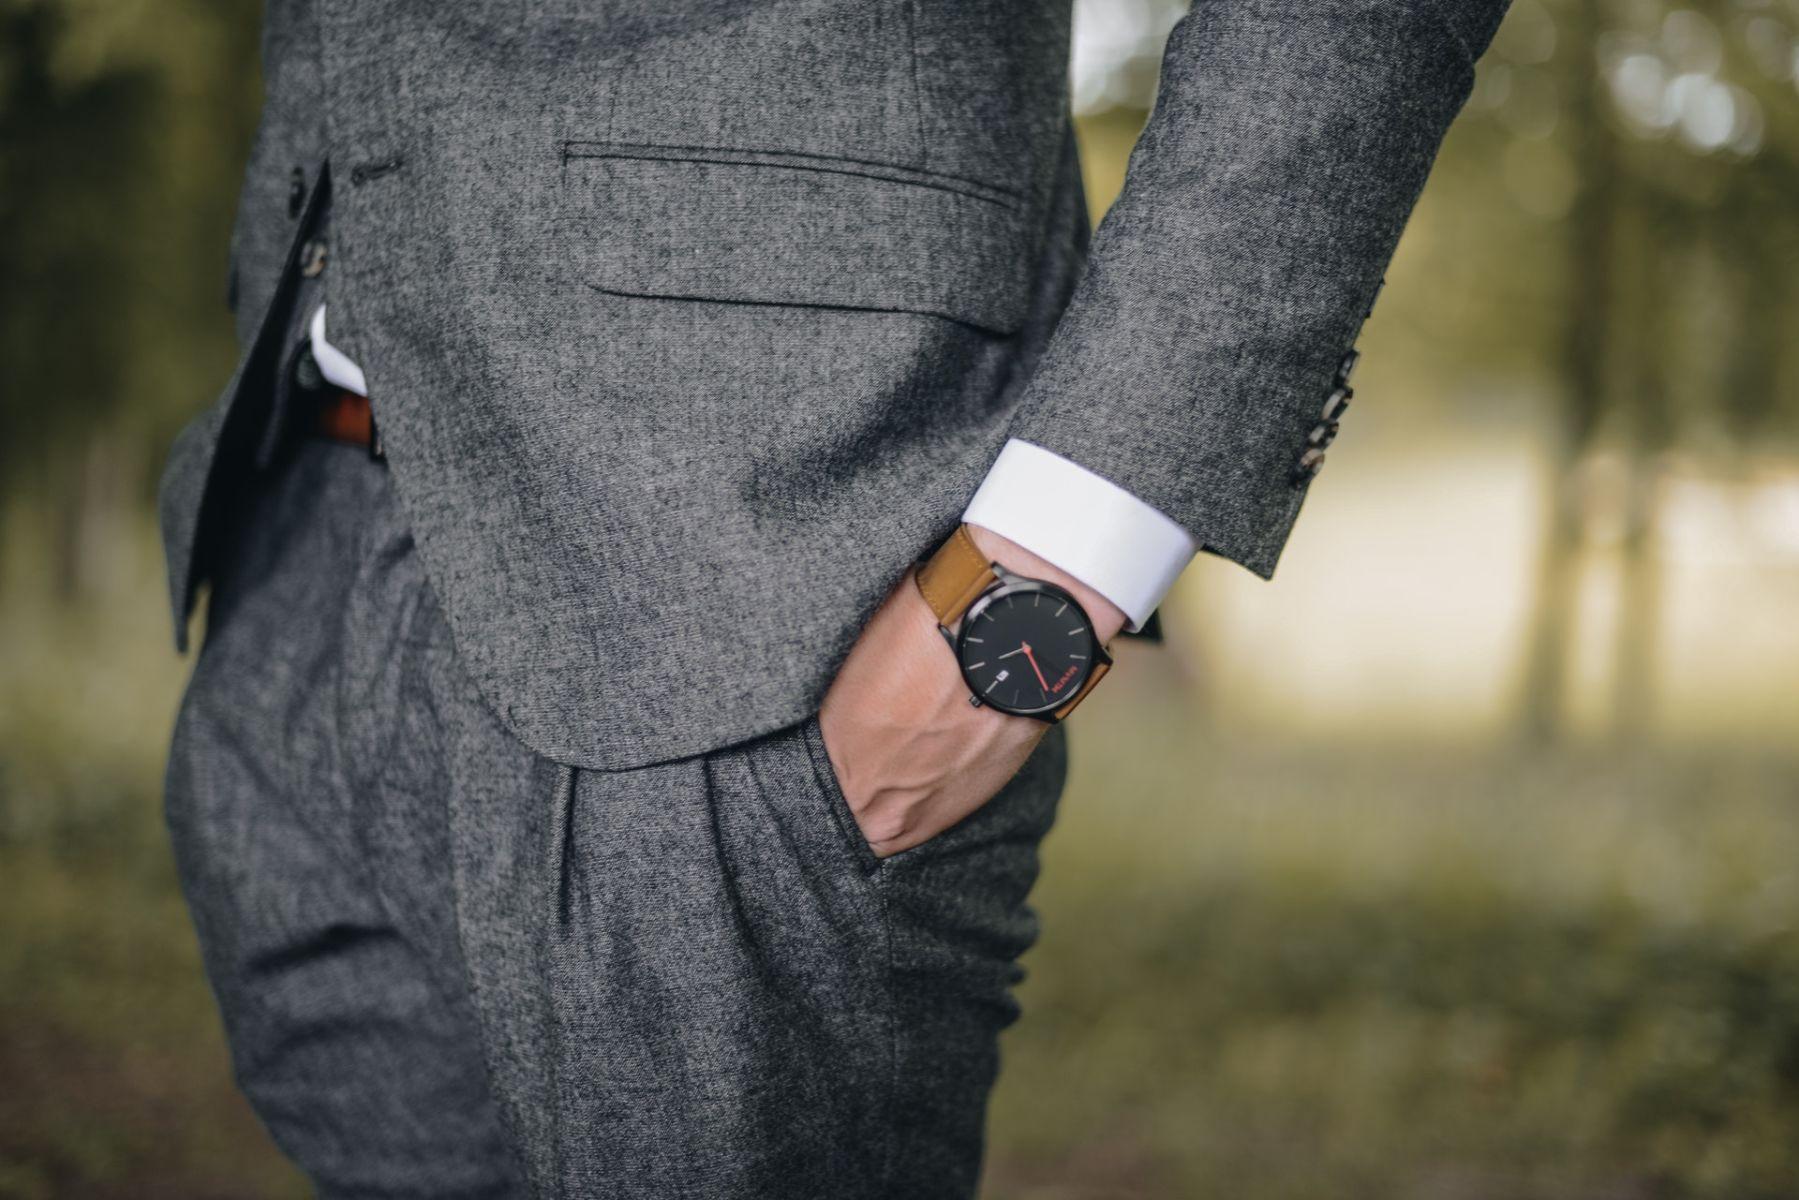 valentino and john asesoramiento masculino 10 tips para estar más atractivo cuida tu vestimenta